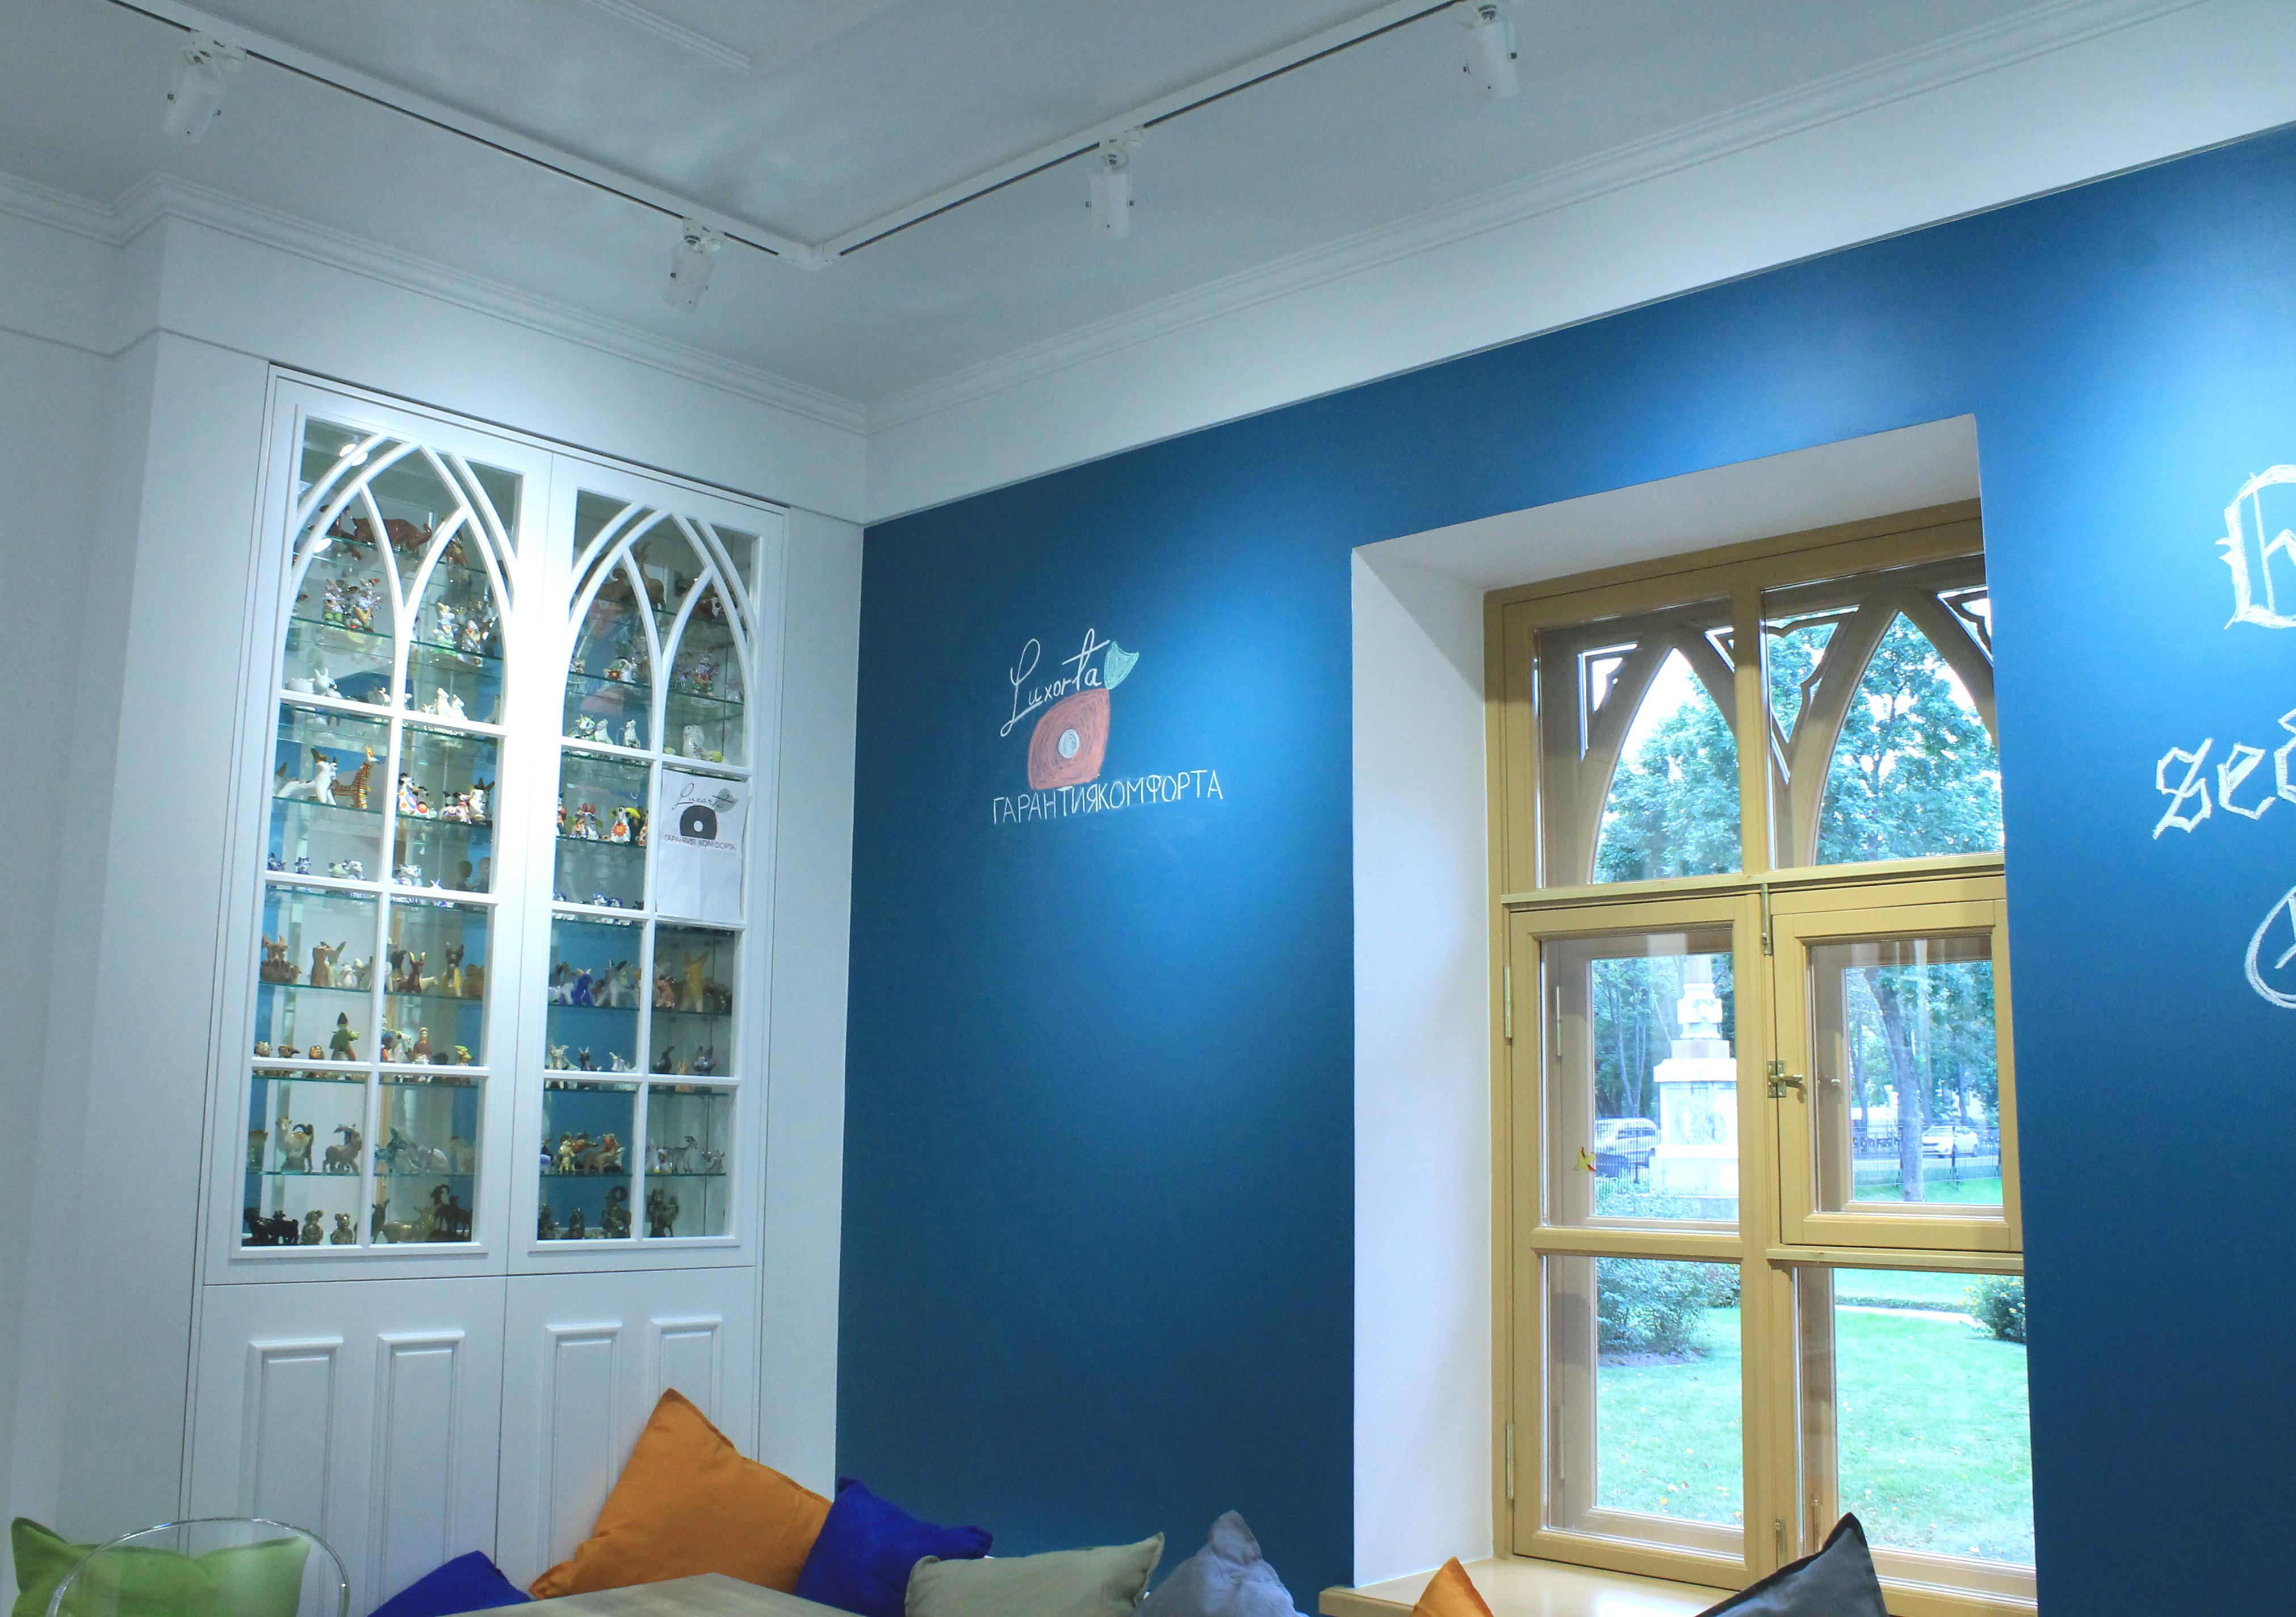 Ремонт в офисах, студиях, библиотеках и экспозициях образовательного музейного комплекса «Новая ферма» в Санкт-Петербурге